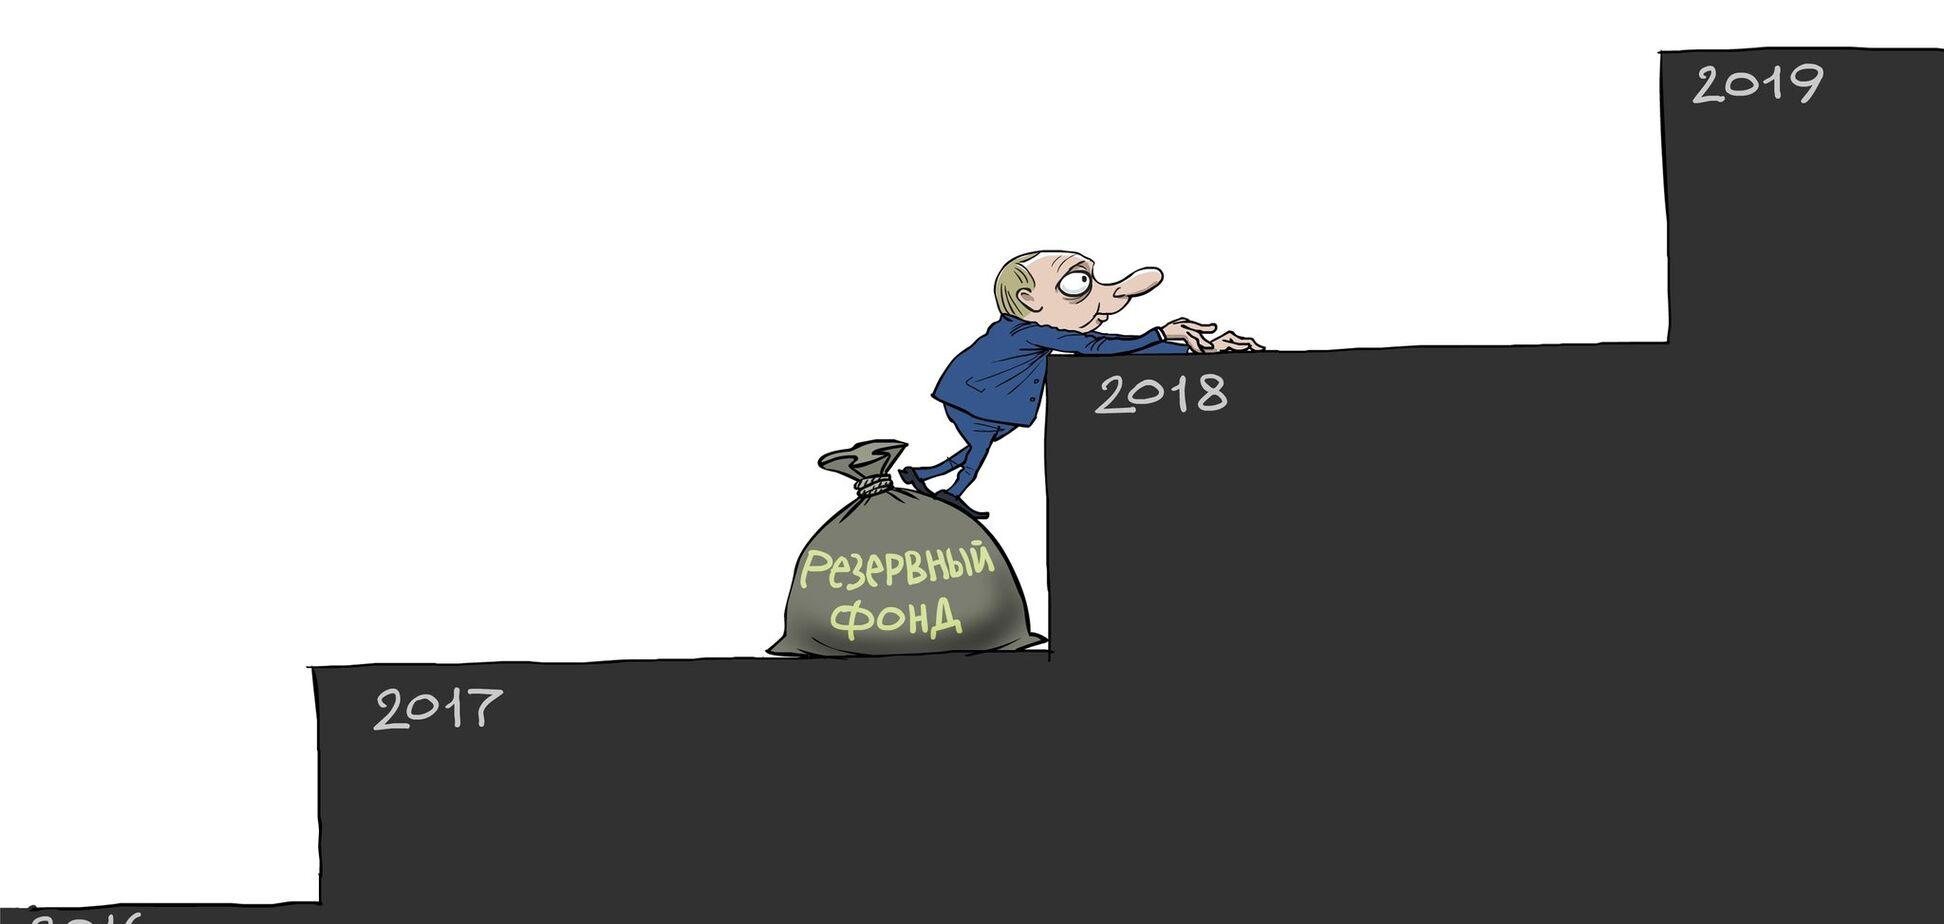 'Дальше только по трупам': будущее России и Путина показали меткой карикатурой